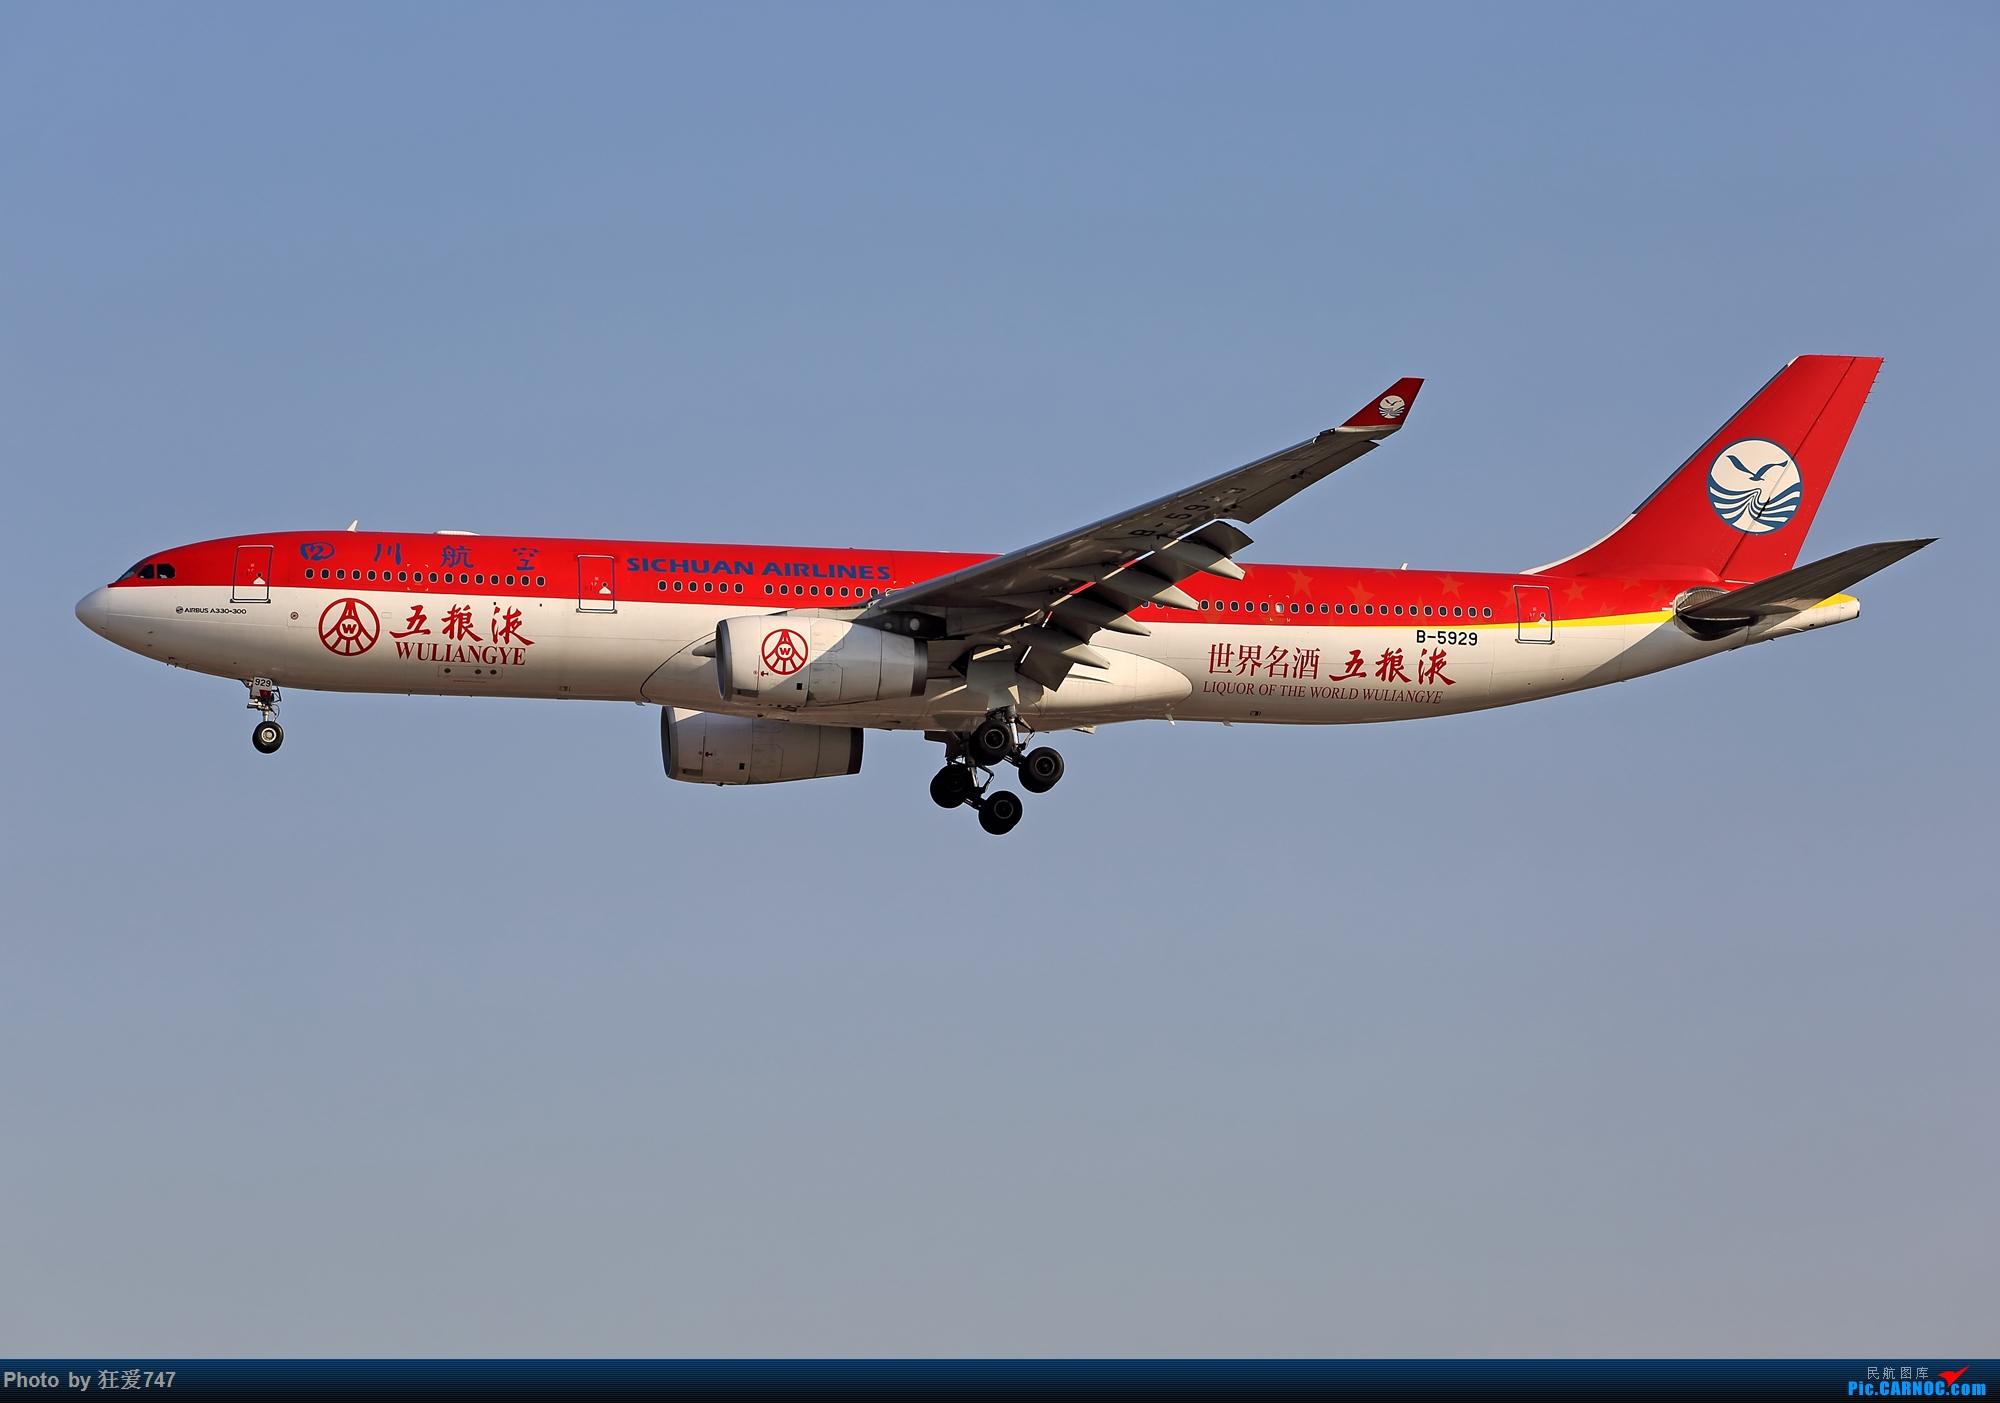 [原创]2020年新年第一拍,祝大家新年快乐! AIRBUS A330-300 B-5929 中国北京首都国际机场